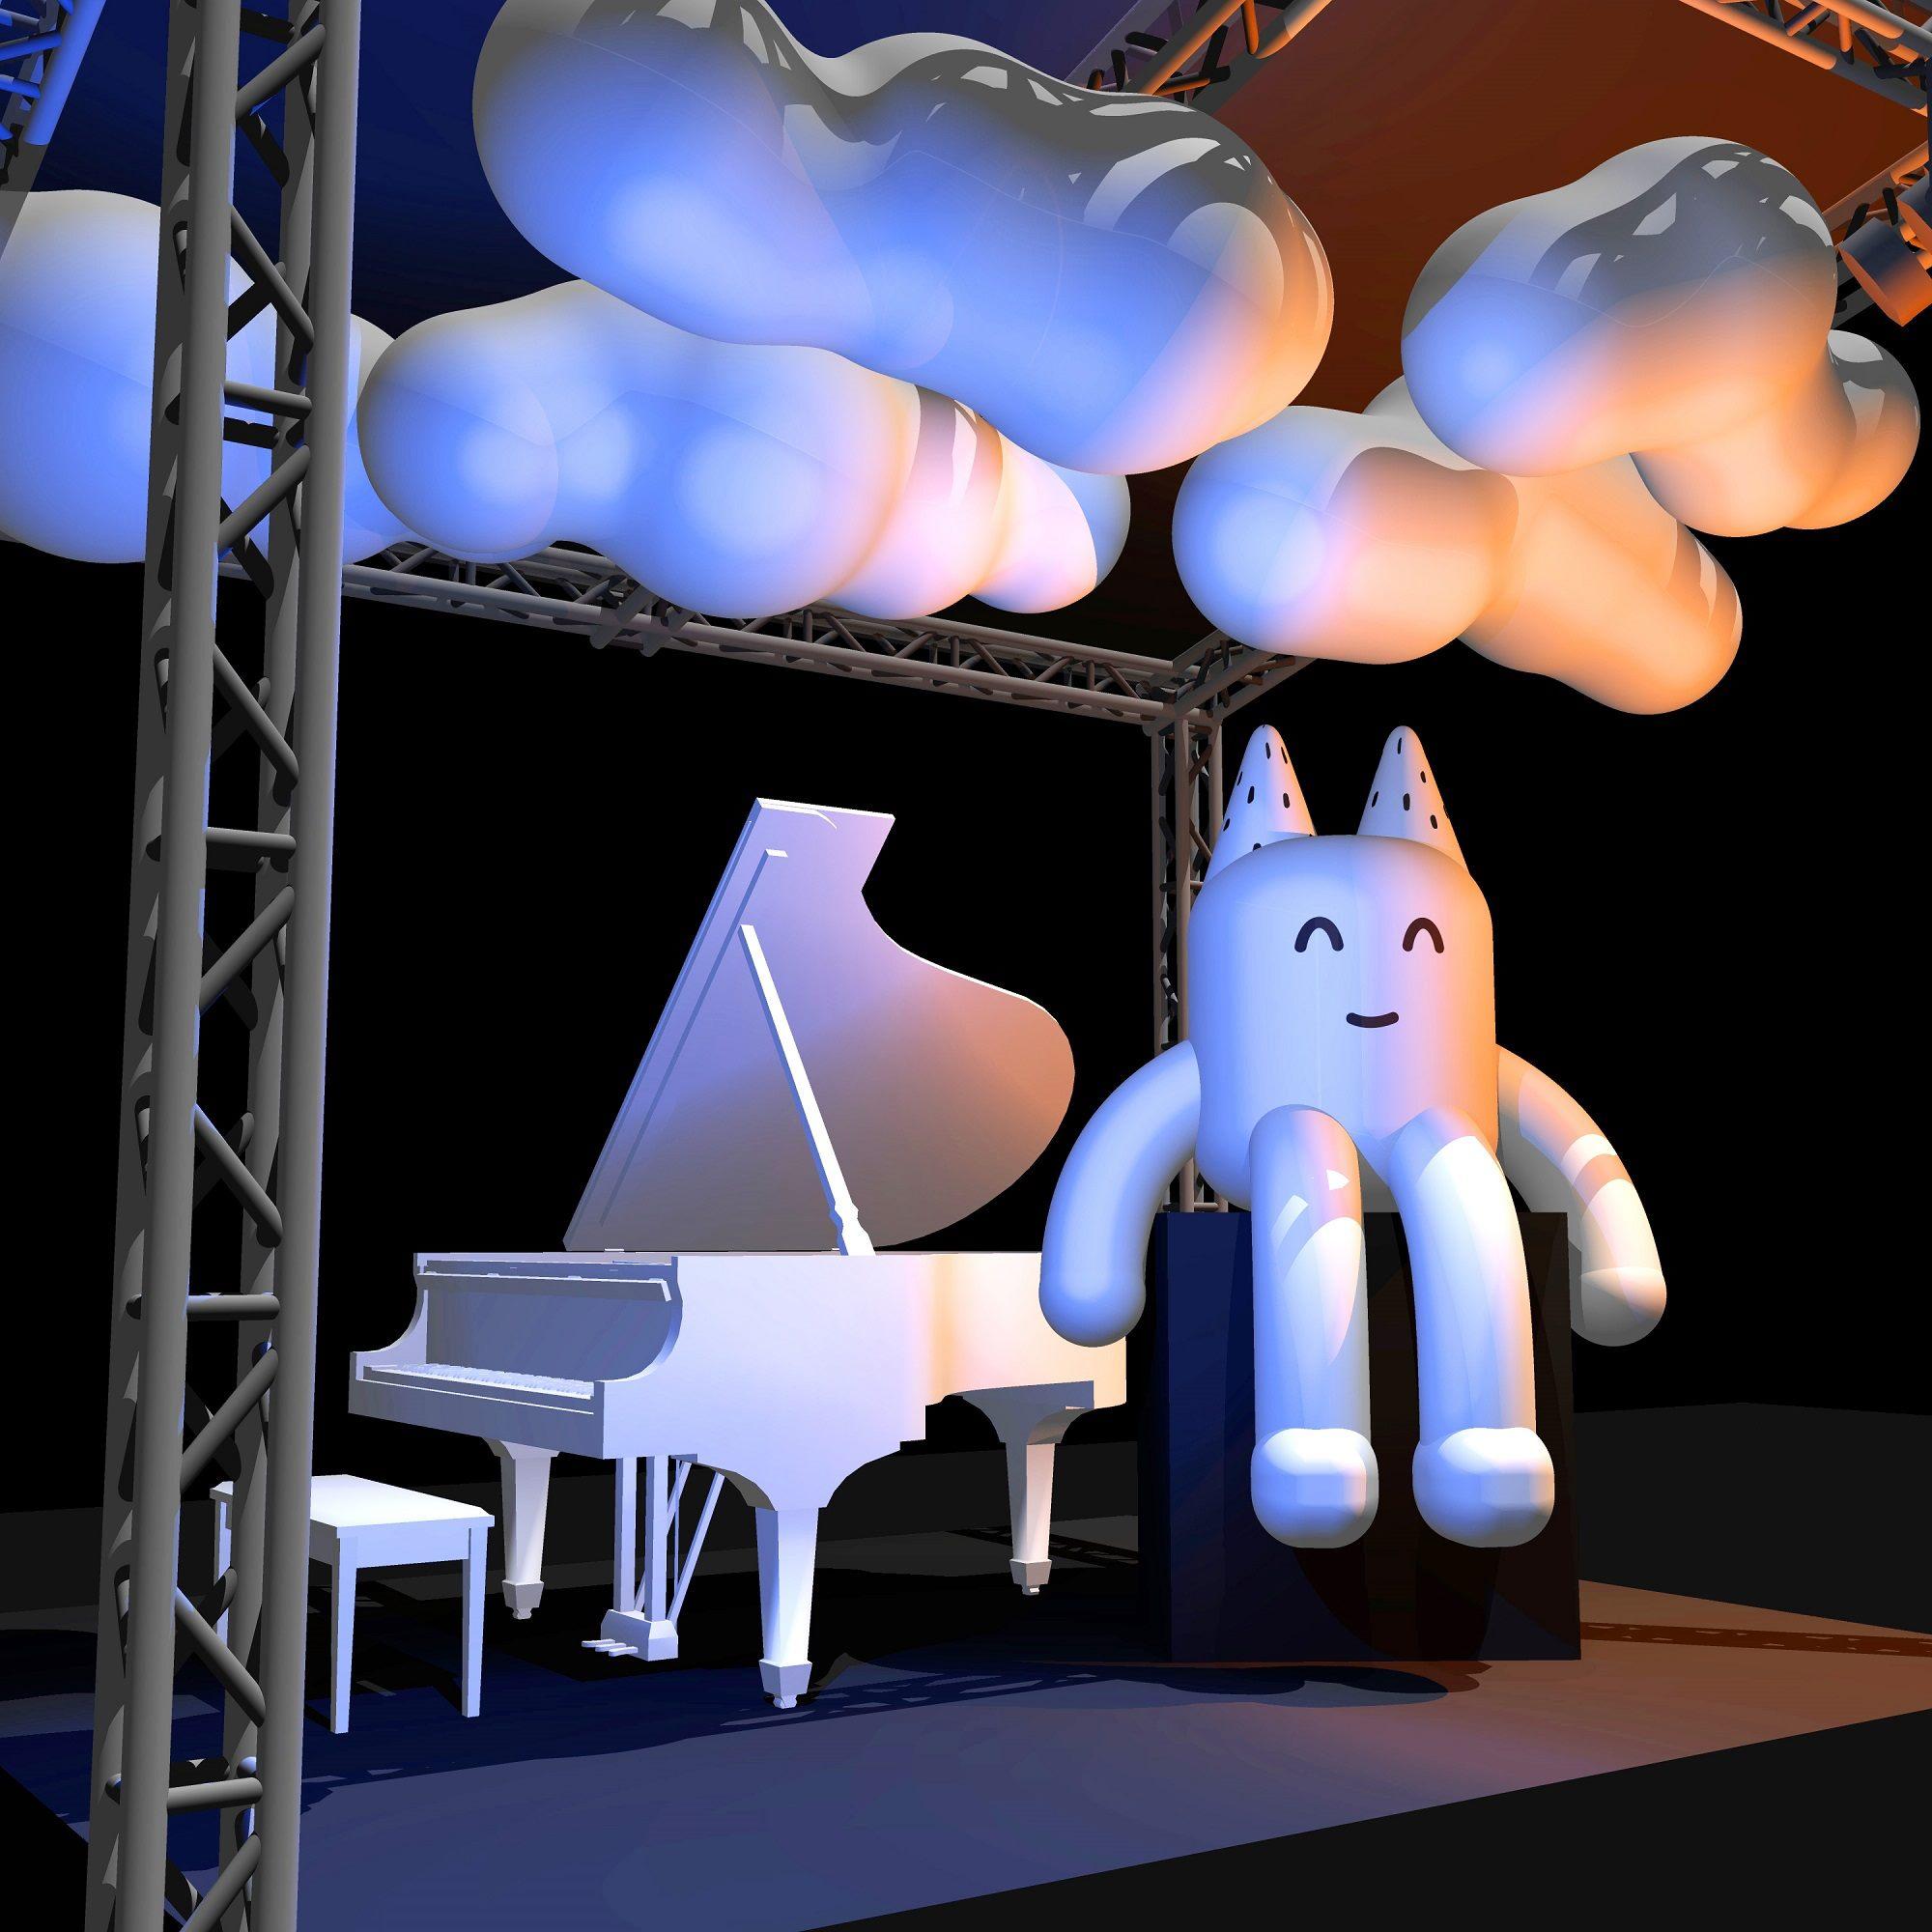 熱愛音樂的TOFU,會隨著樂曲的起伏舞出不同的顏色變化。